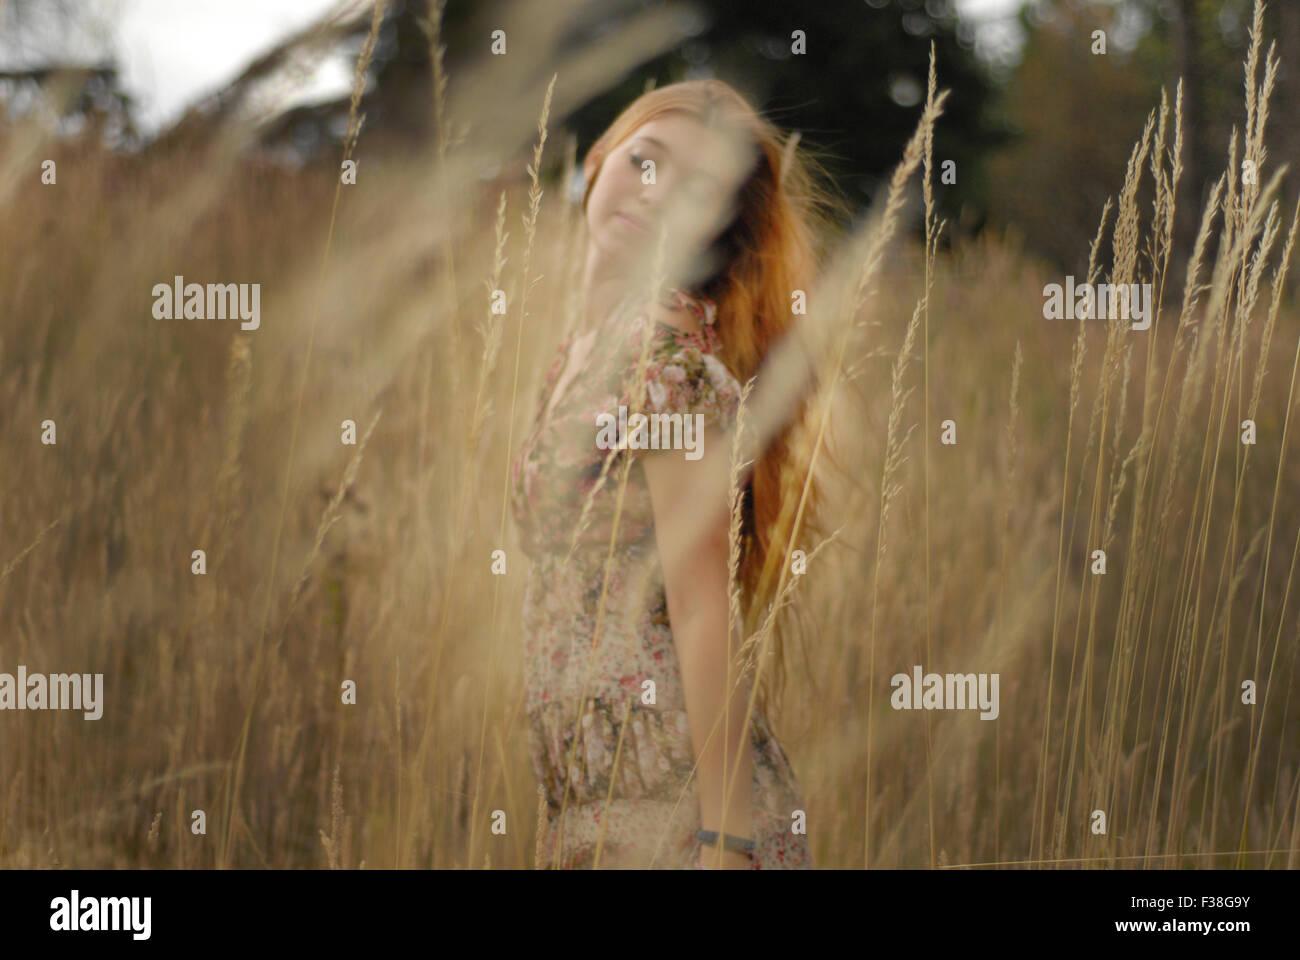 Fille de gingembre entre les champs d'or jolie robe air soft Photo Stock